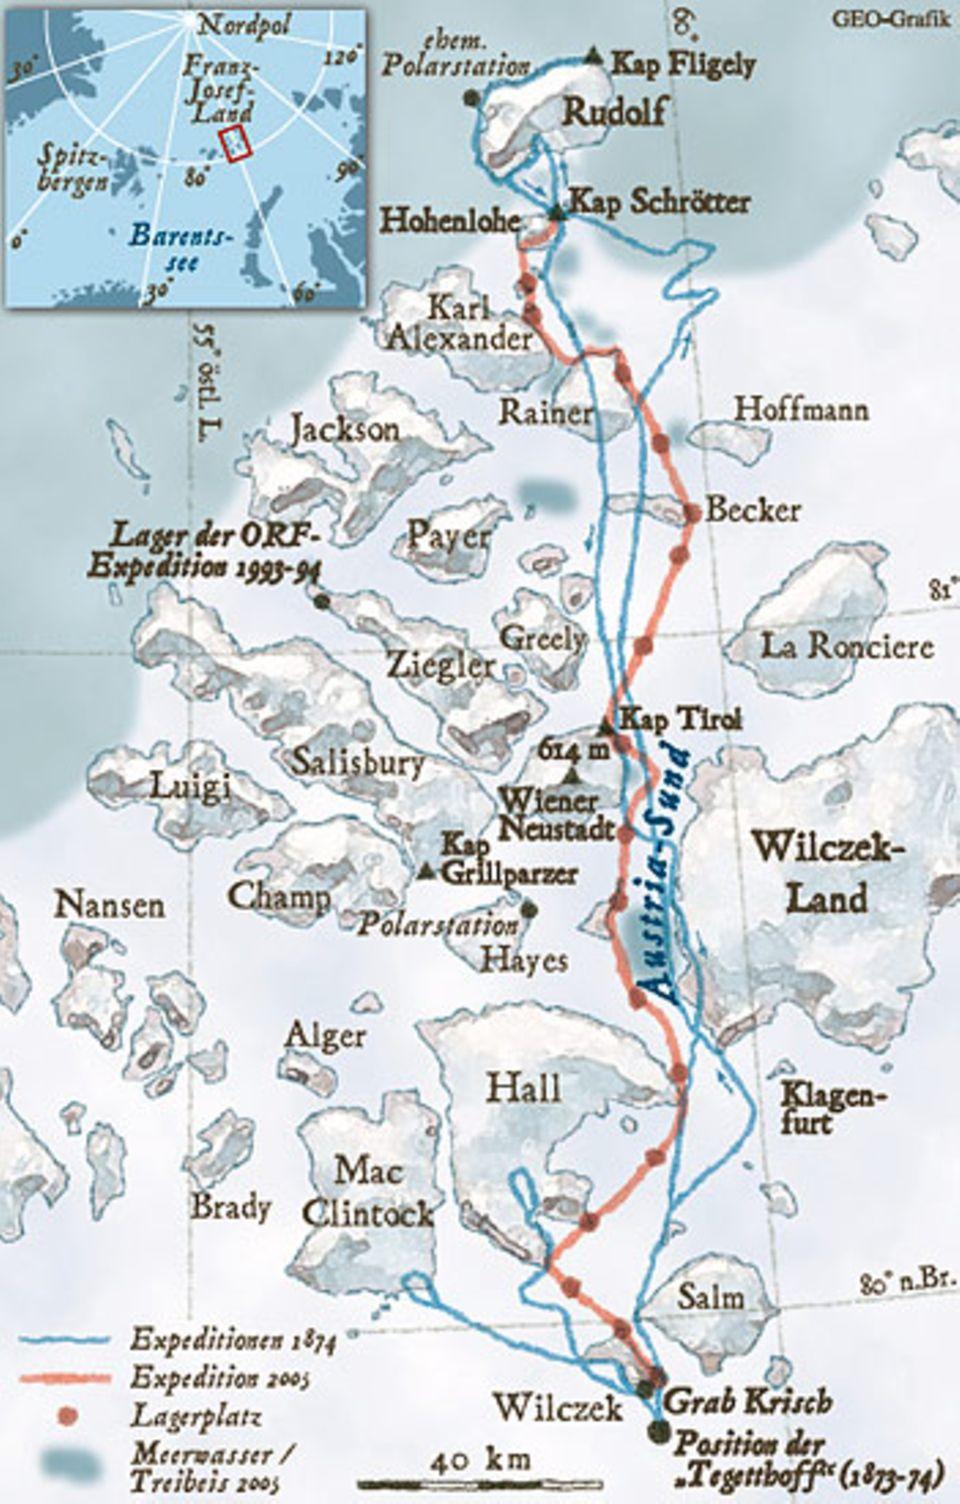 Die 191 Inseln von Franz-Josef-Land bilden die nördlichste Landmasse Eurasiens und gehören heute zu Russland